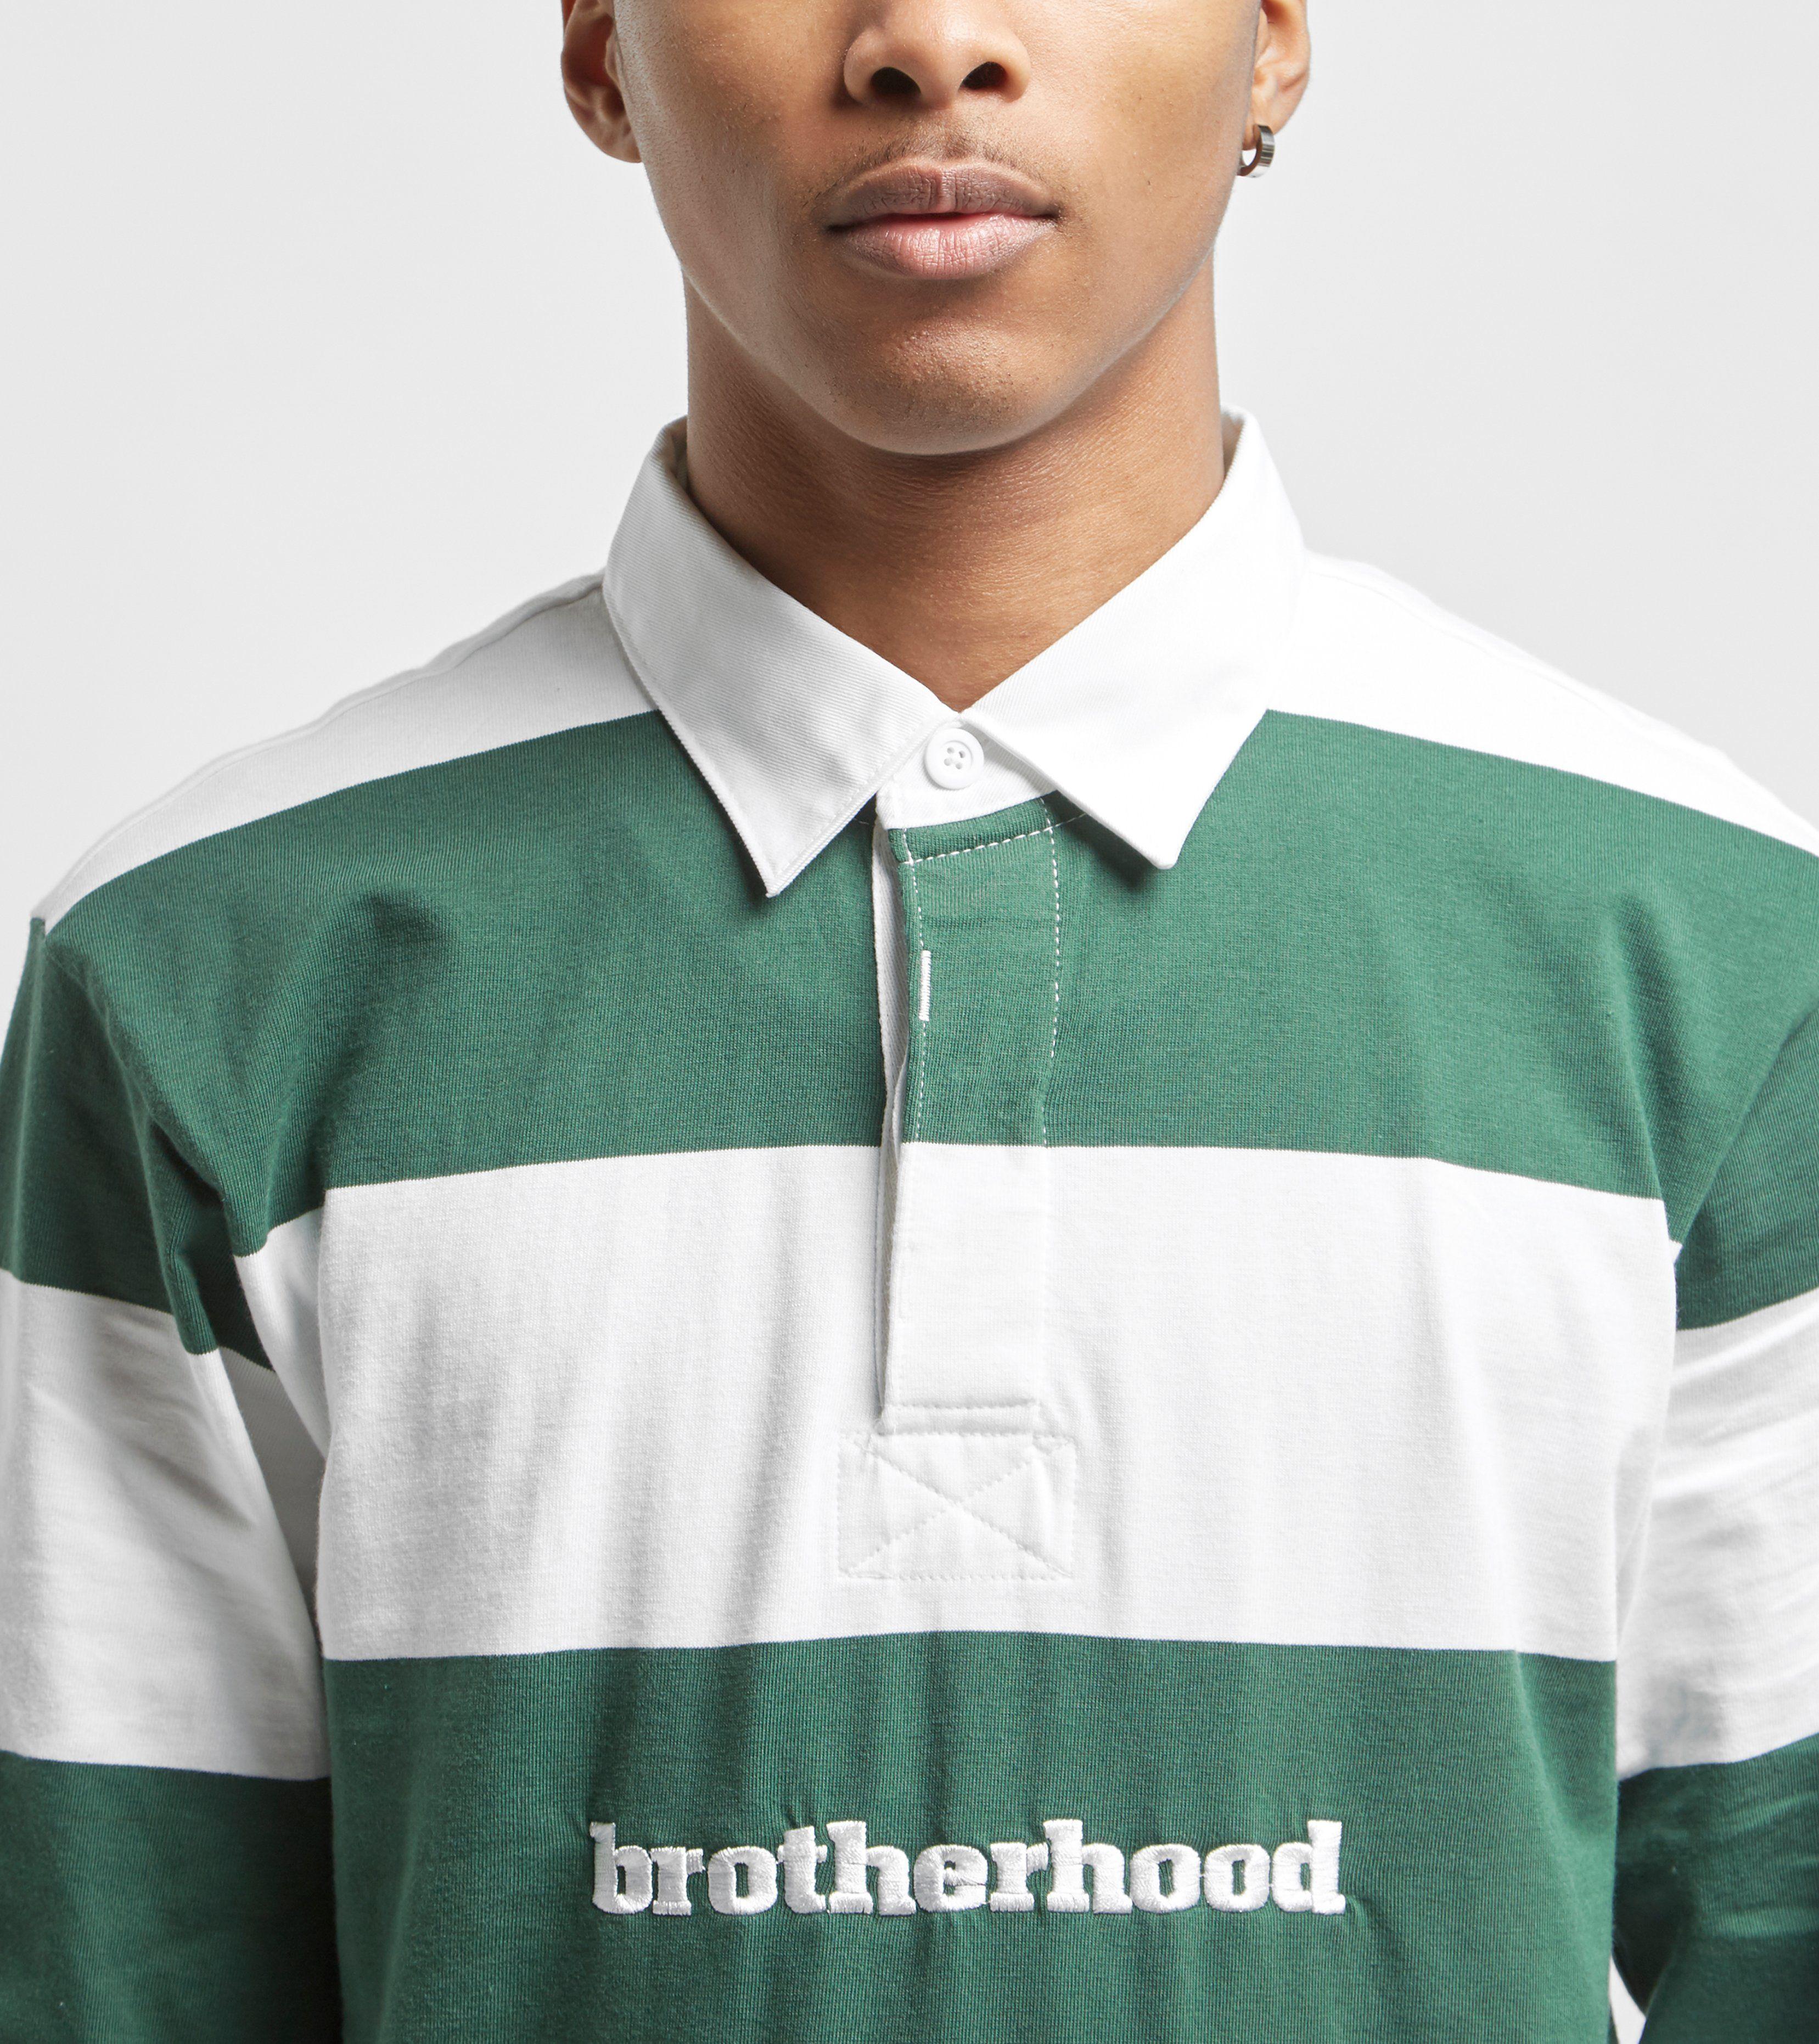 Brotherhood Rugby Long Sleeve Shirt